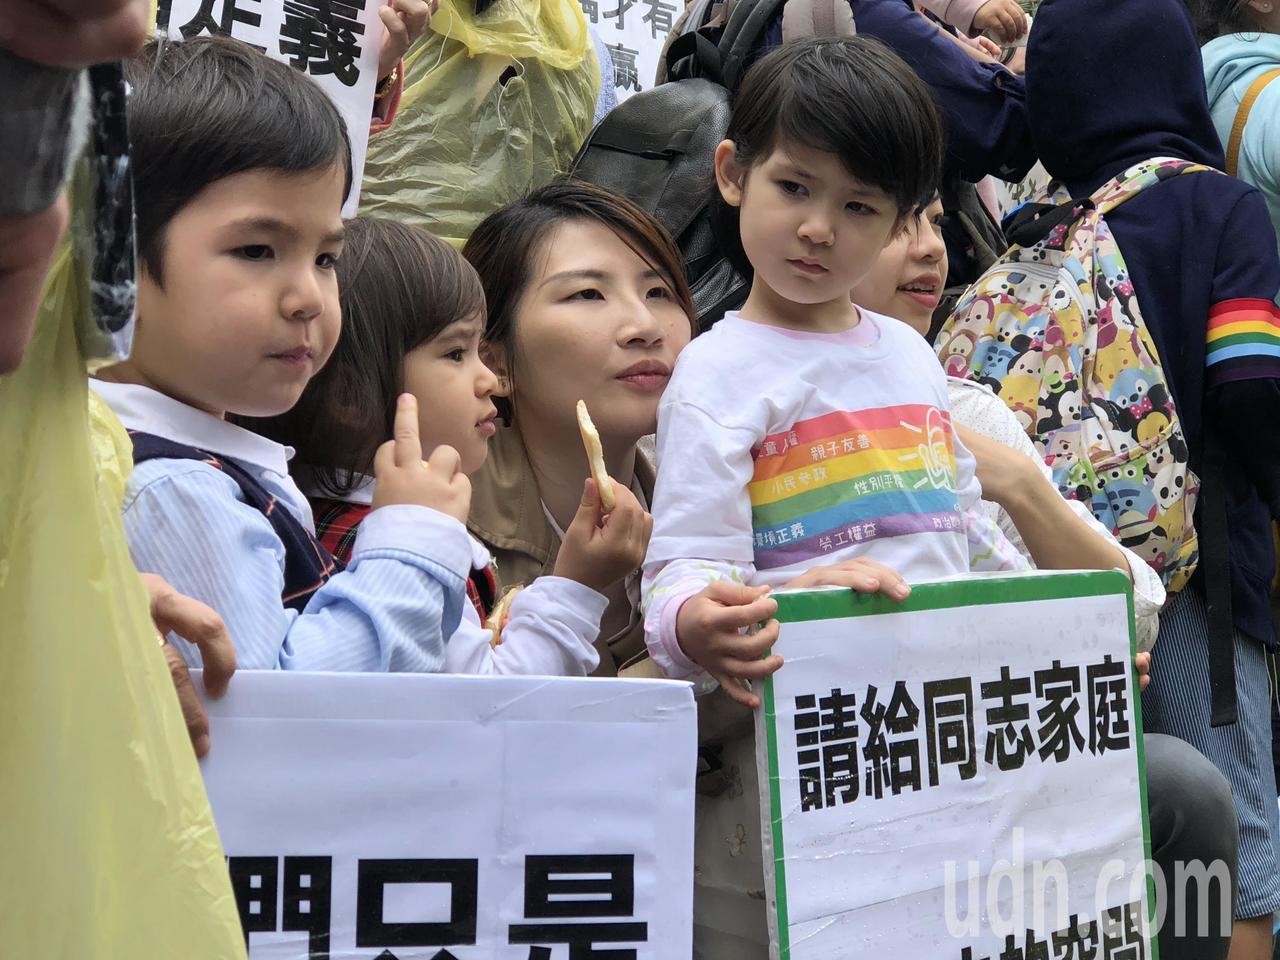 台灣現行法令規定單身可收養小孩,法蘭克是全台首位收養小孩的單身男性。圖為同志家庭...